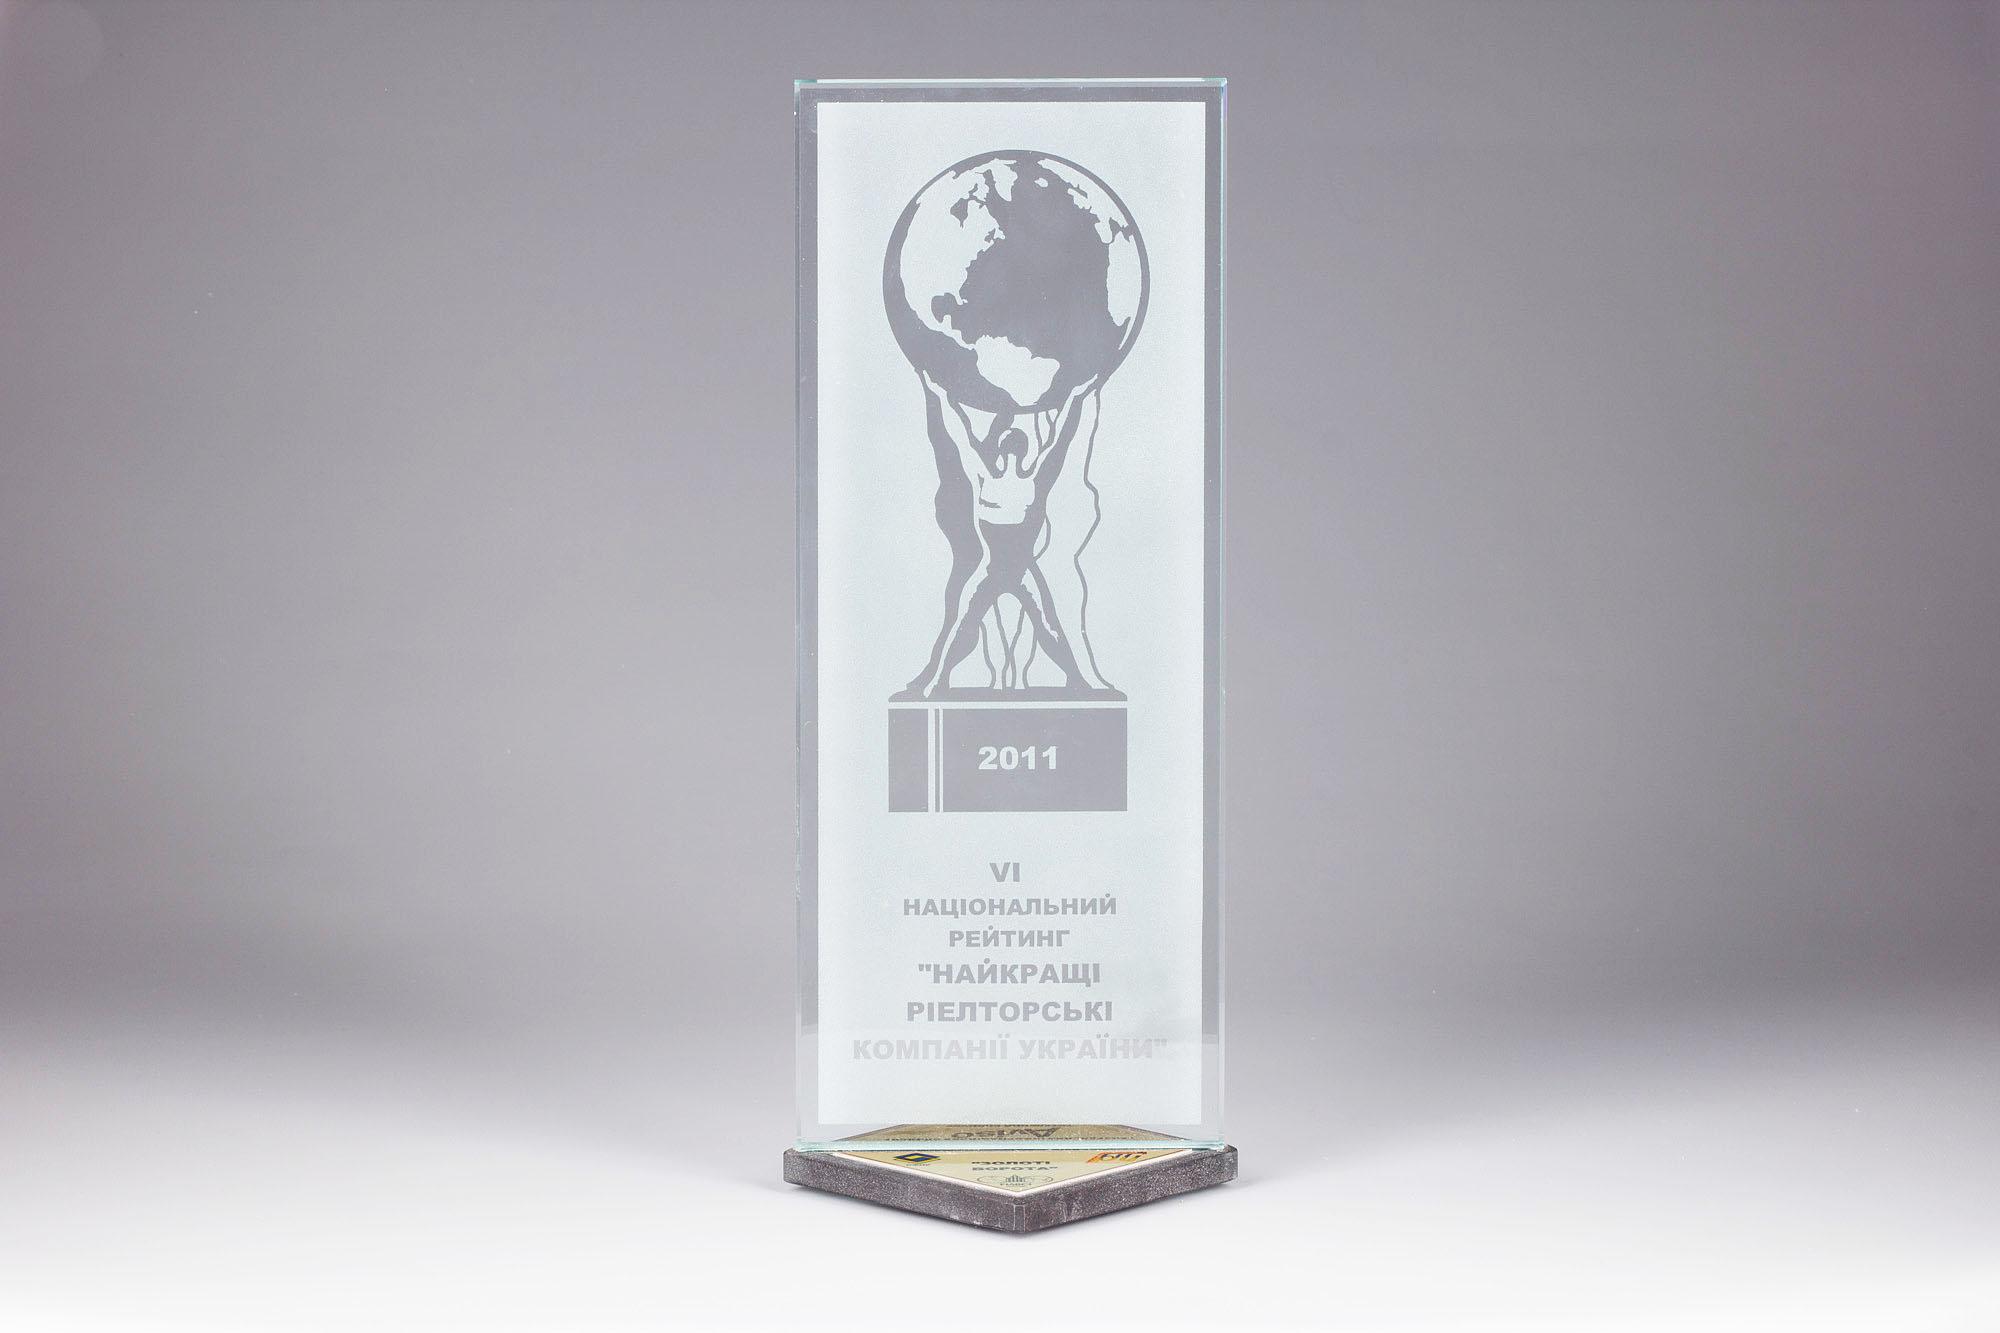 Риелторская Компания «Золотые Ворота» — Победитель VI Национального рейтинга «Лучшие риэлторские компании Украины»